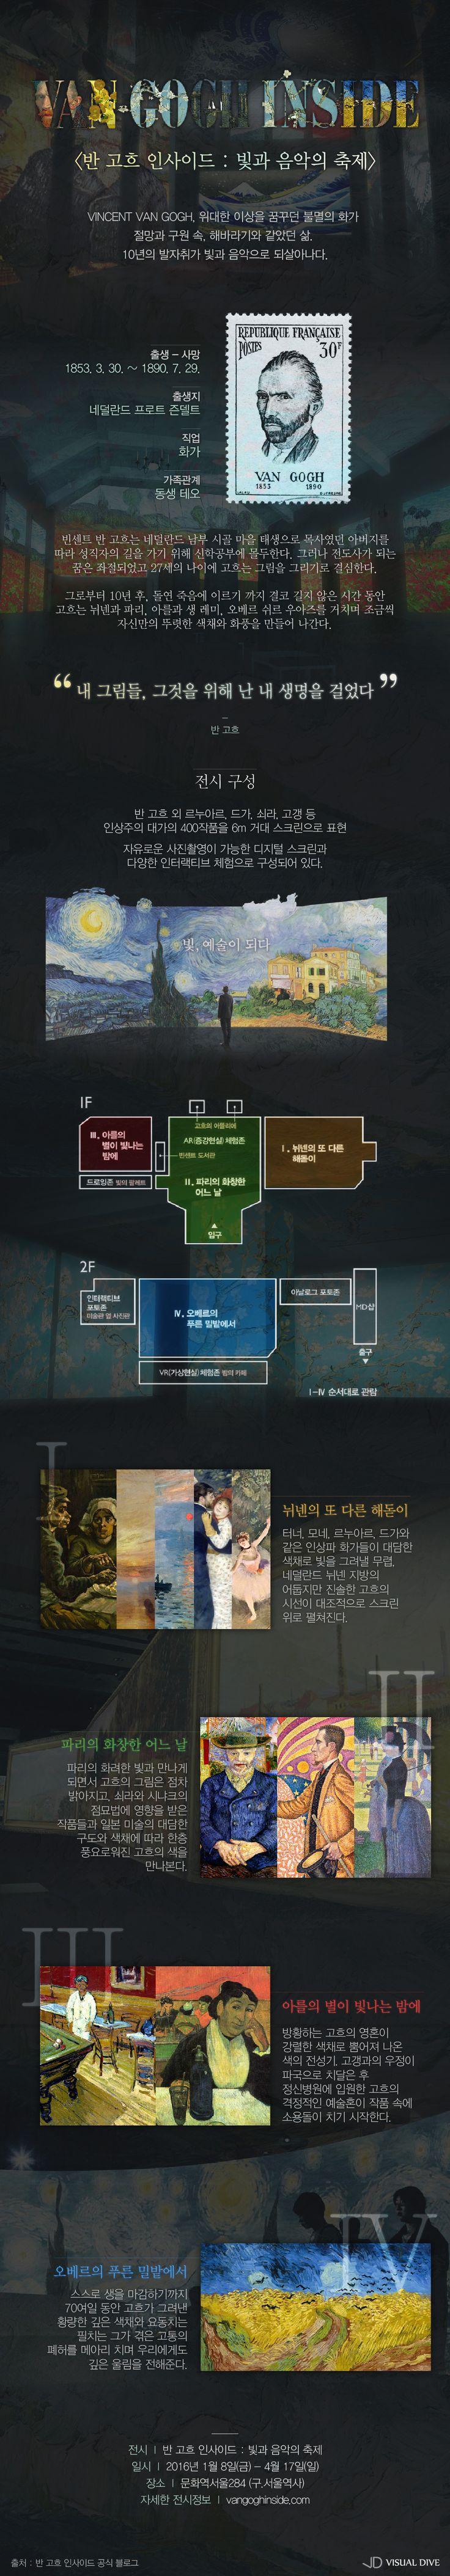 '반 고흐 인사이드' 展, 인터랙티브로 만나는 고흐의 그림 [인포그래픽] #Van_Gogh / #Infographic ⓒ 비주얼다이브 무단 복사·전재·재배포 금지